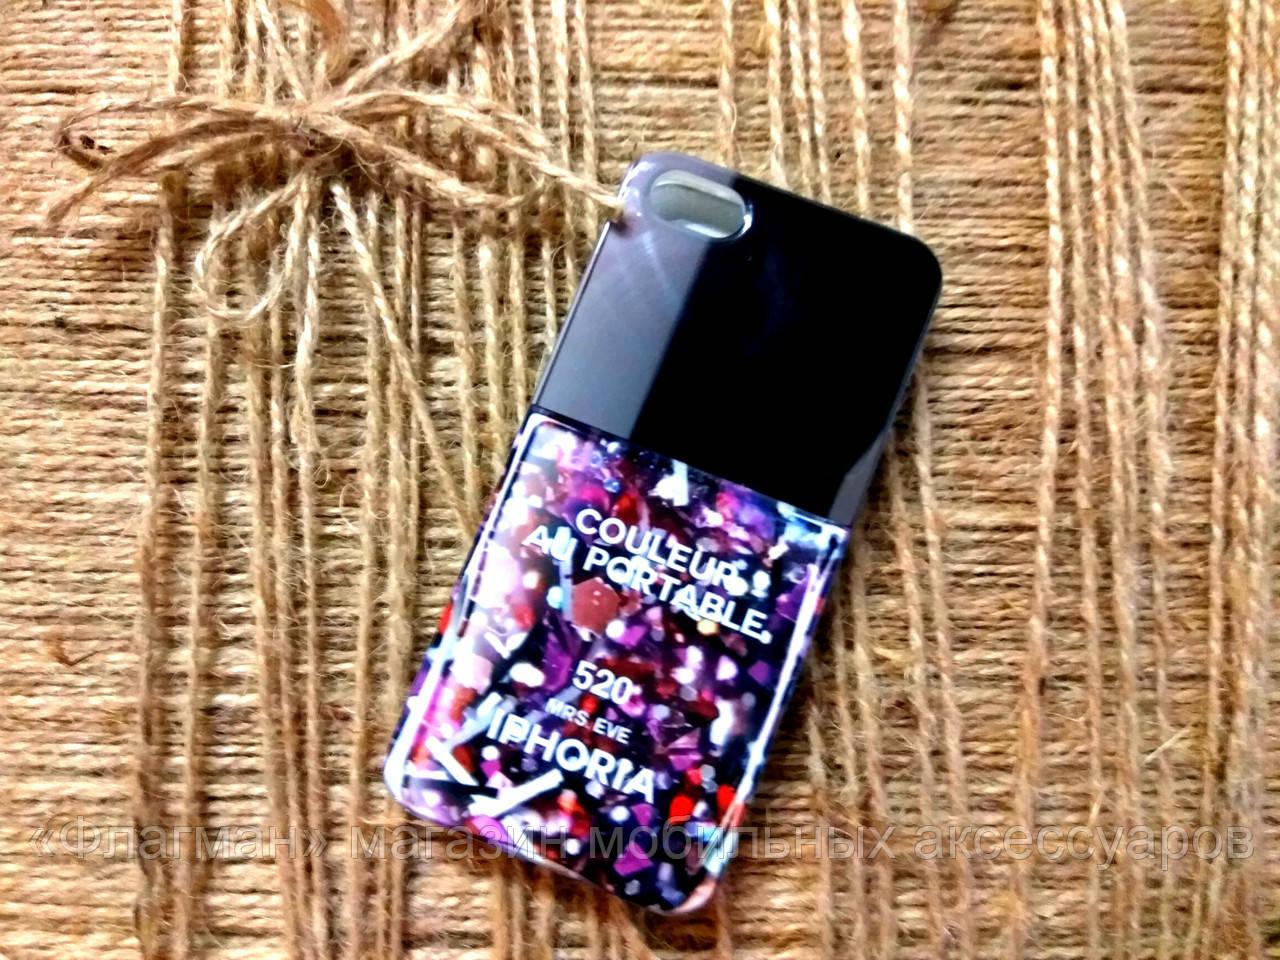 Чехол - накладка на айфон плотный силикон IPHORIA для iPhone 5С - «Флагман» магазин мобильных аксессуаров в Днепре